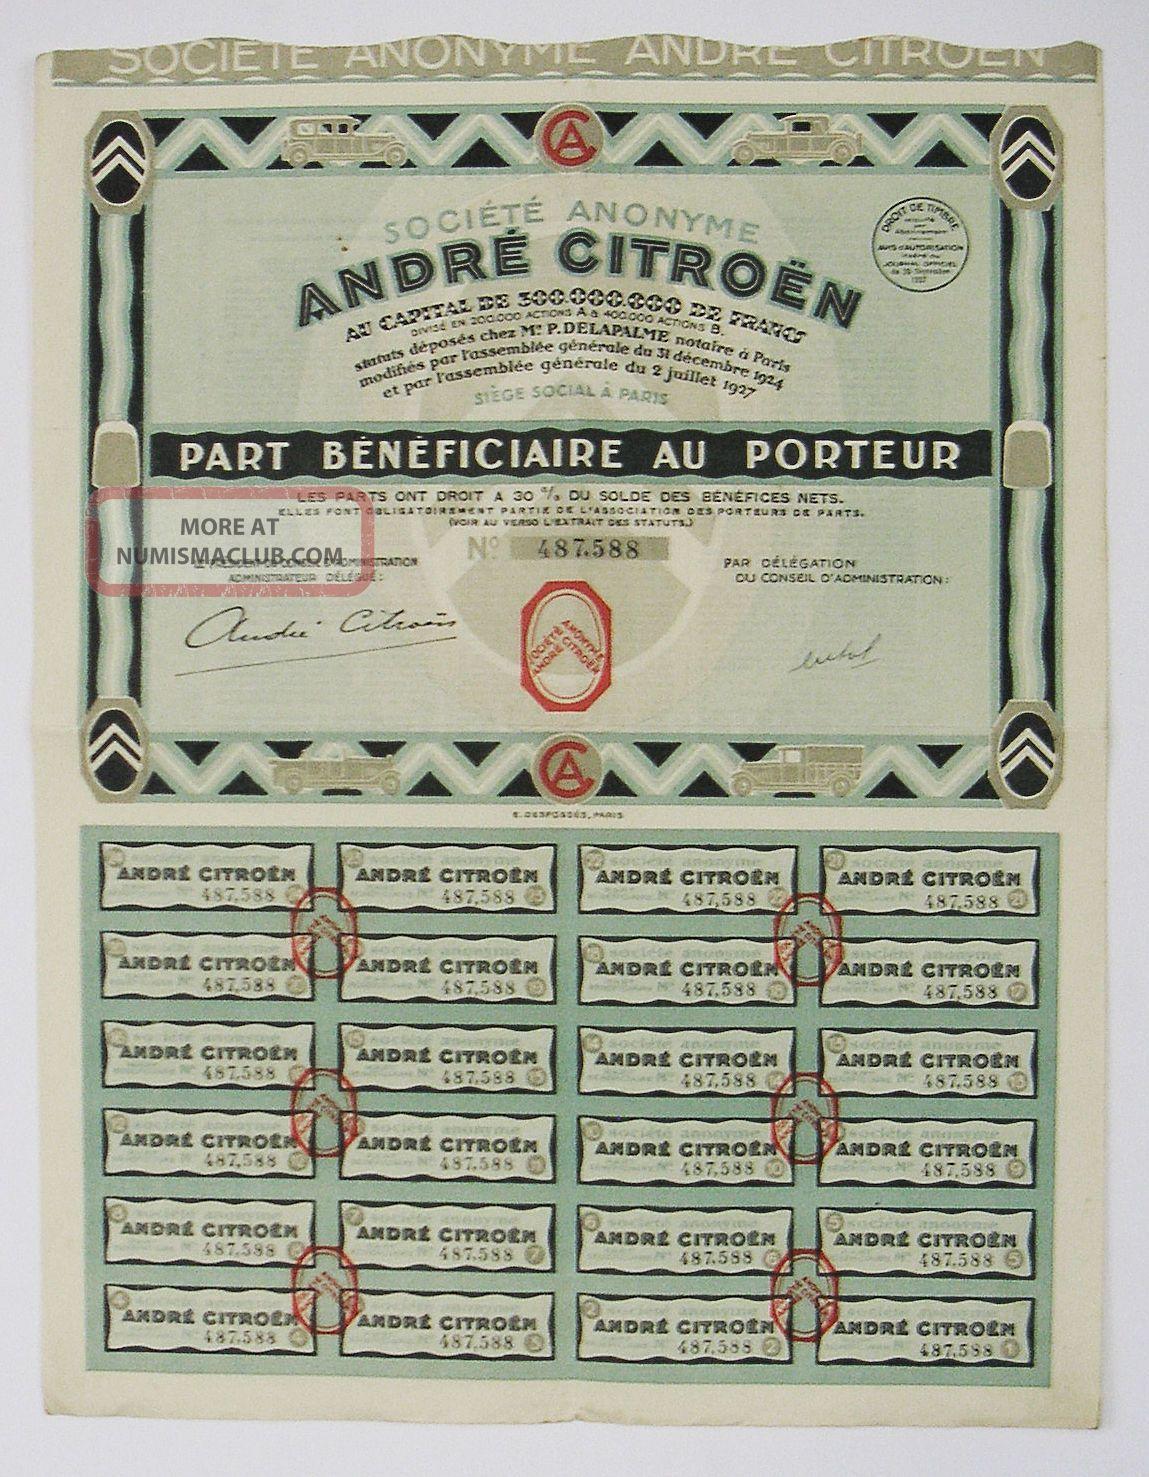 France - André Citroen - Part Bénéficiaire 1927 Transportation photo